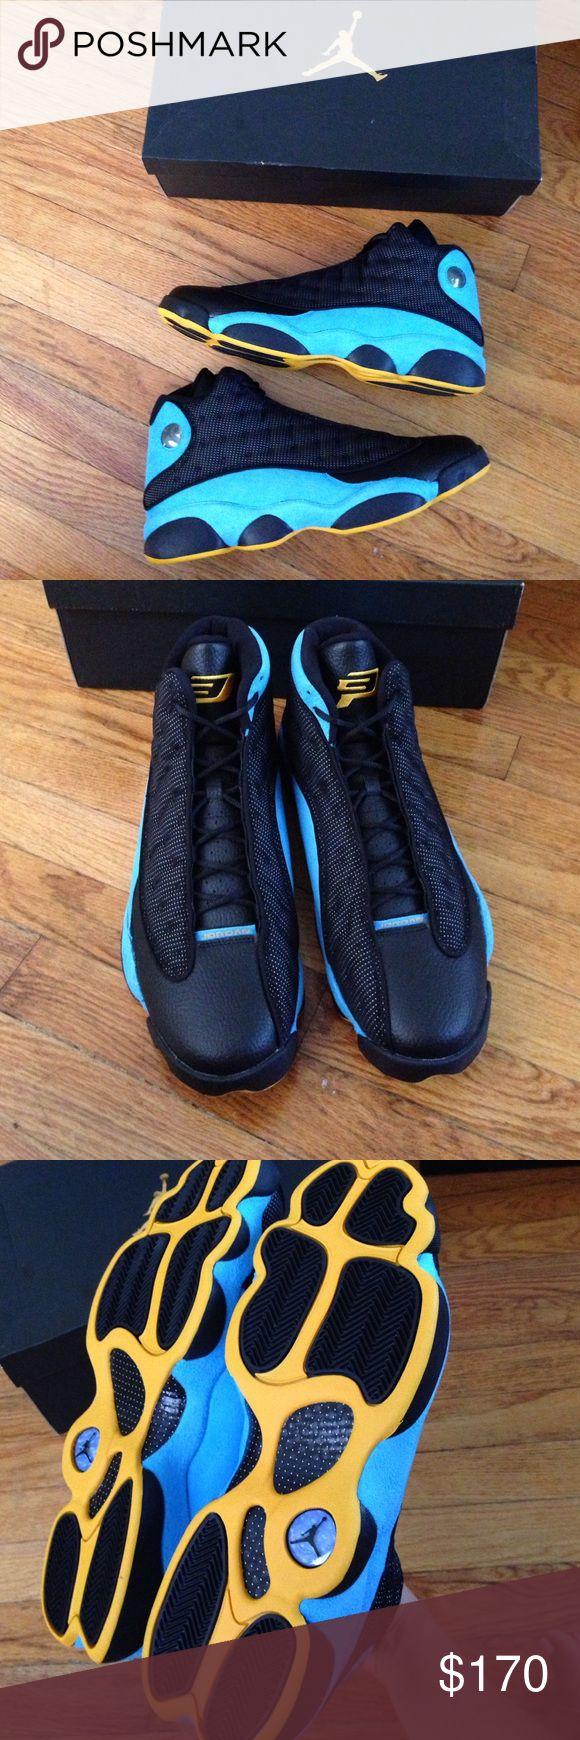 Air Jordan 13 Retro CP PE Chris Paul player edition. BRAND NEW. DEADSTOCK. Box included Jordan Shoes Sneakers